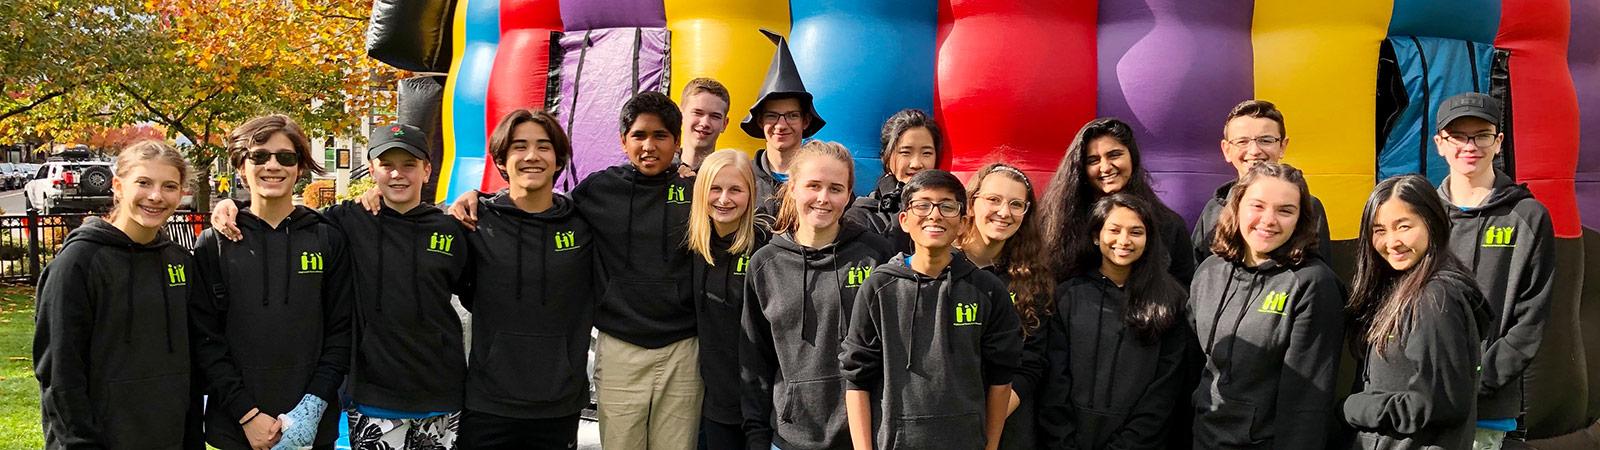 Highlands Youth Advisory Board group photo